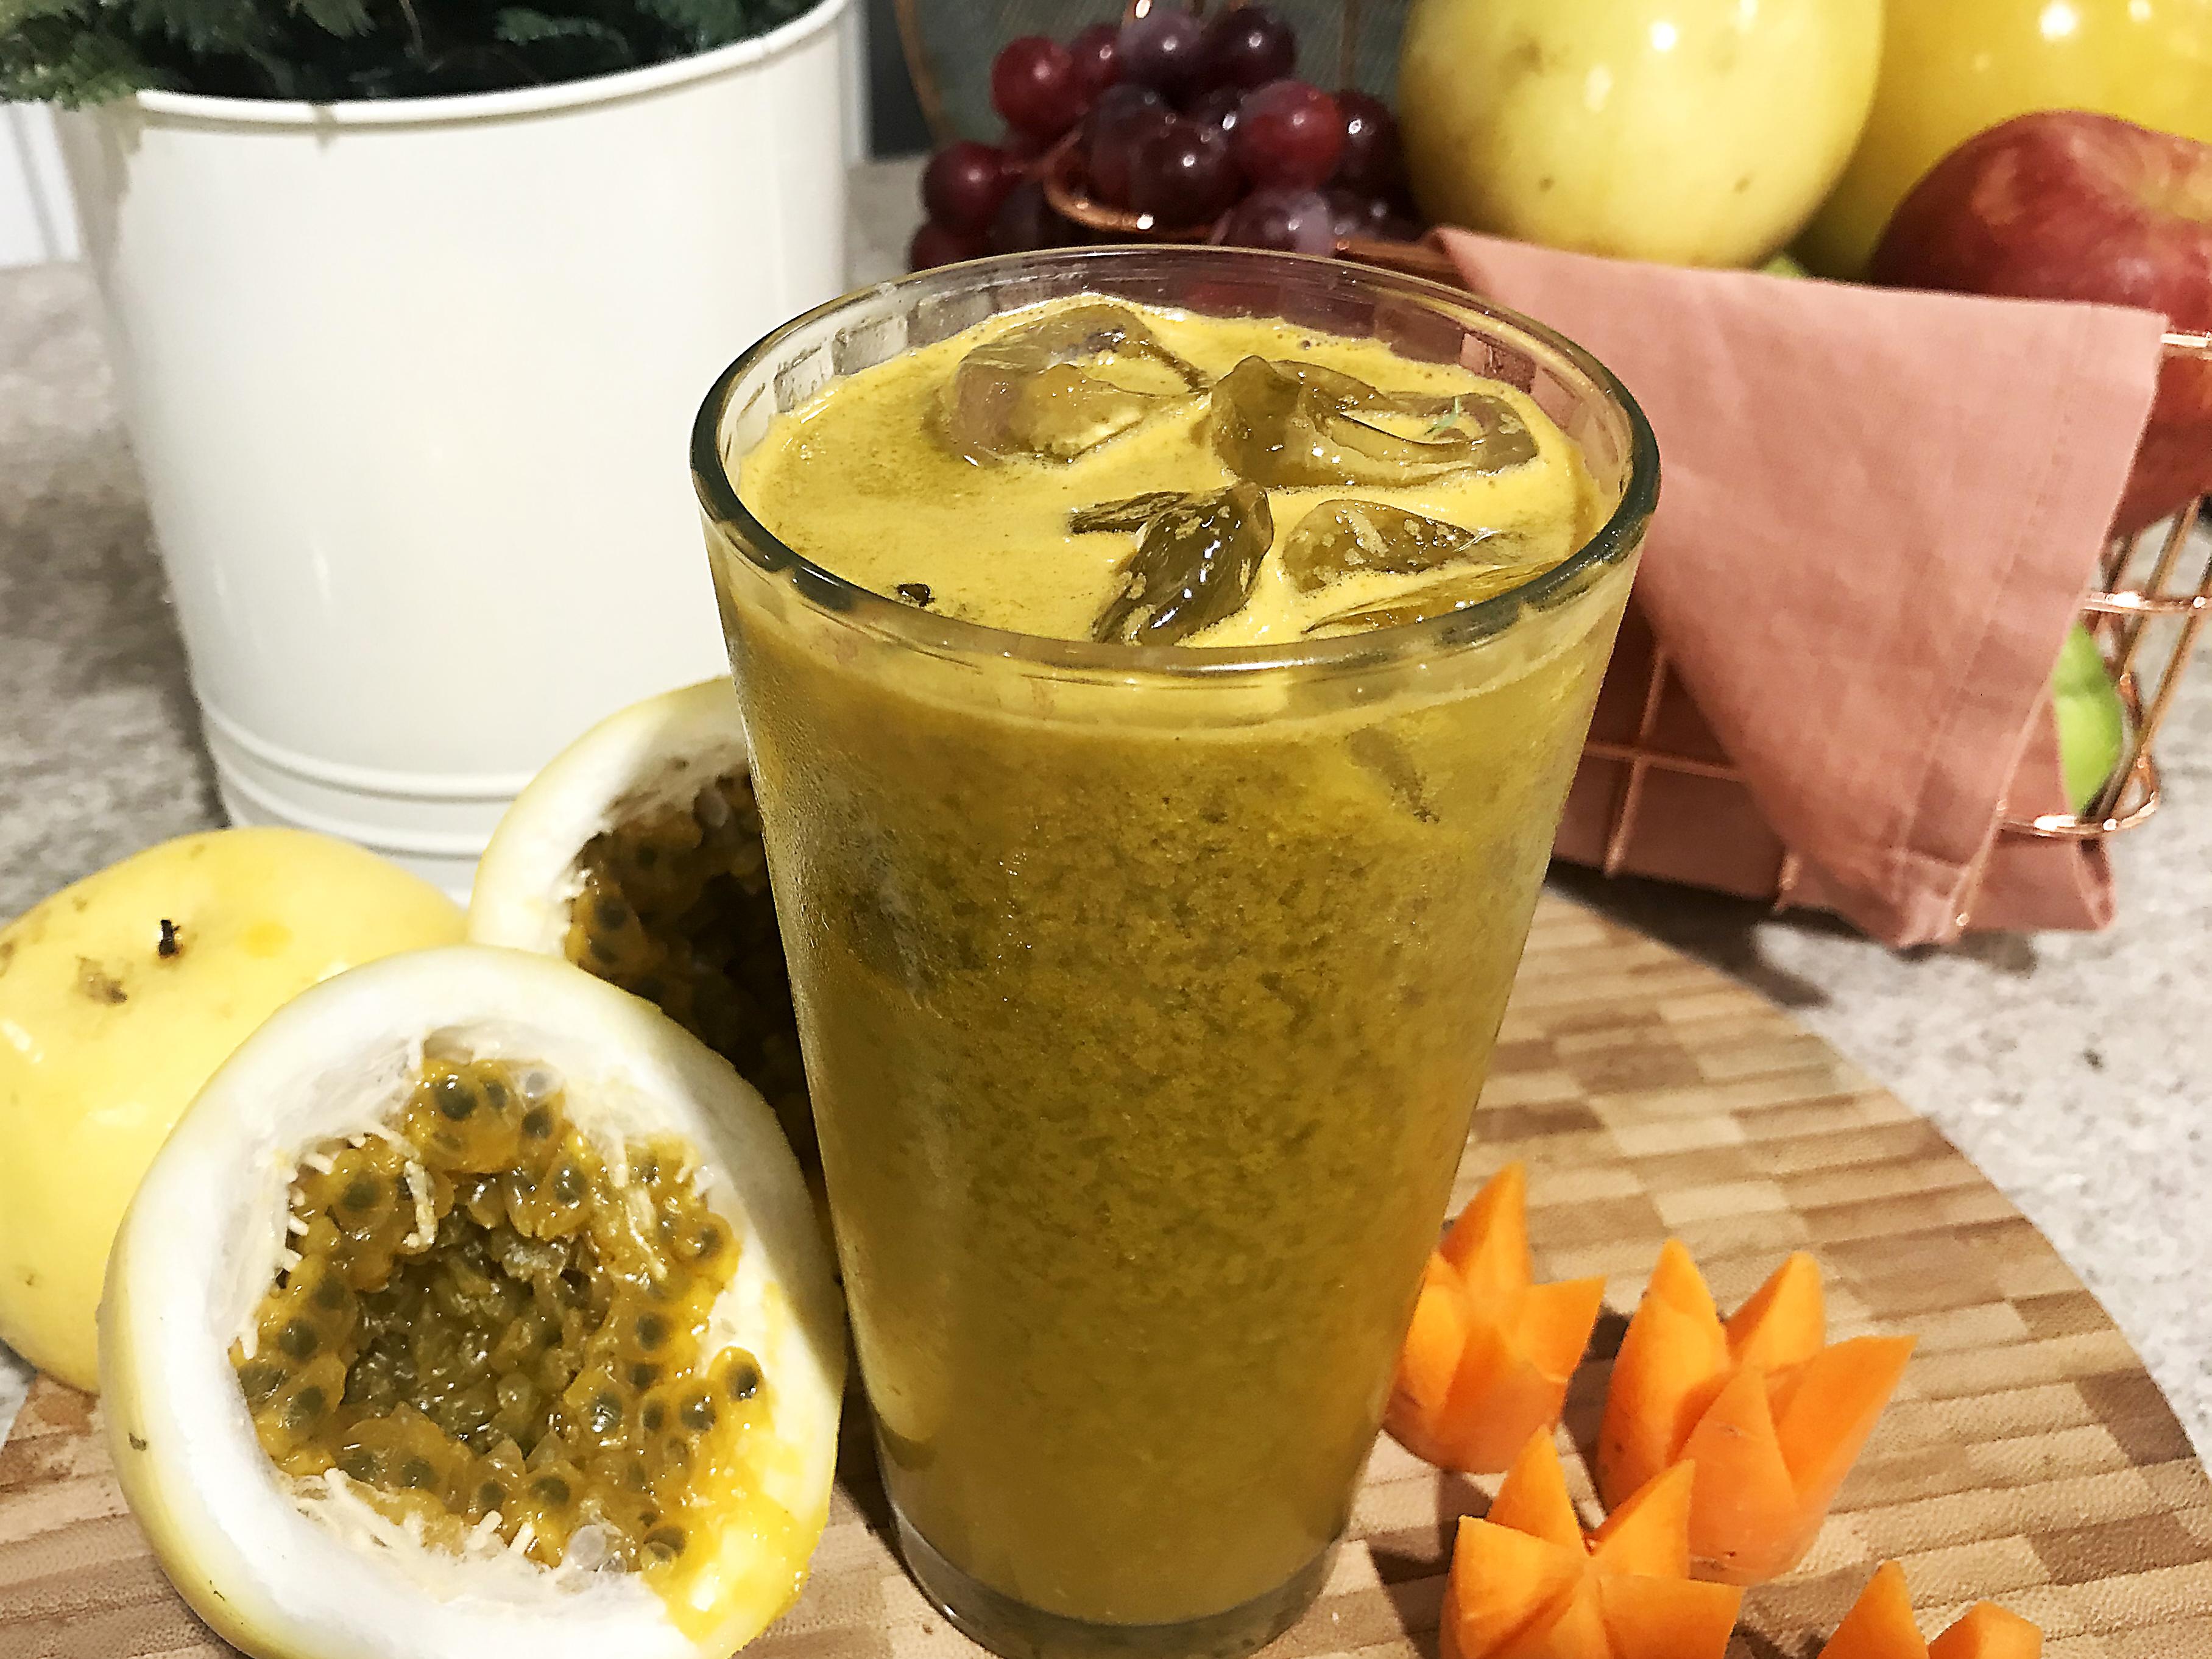 Delicioso, refrescante e nutritivo, o Suco Detox de Maracujá dá aquela energia logo de manhã / GB Edições